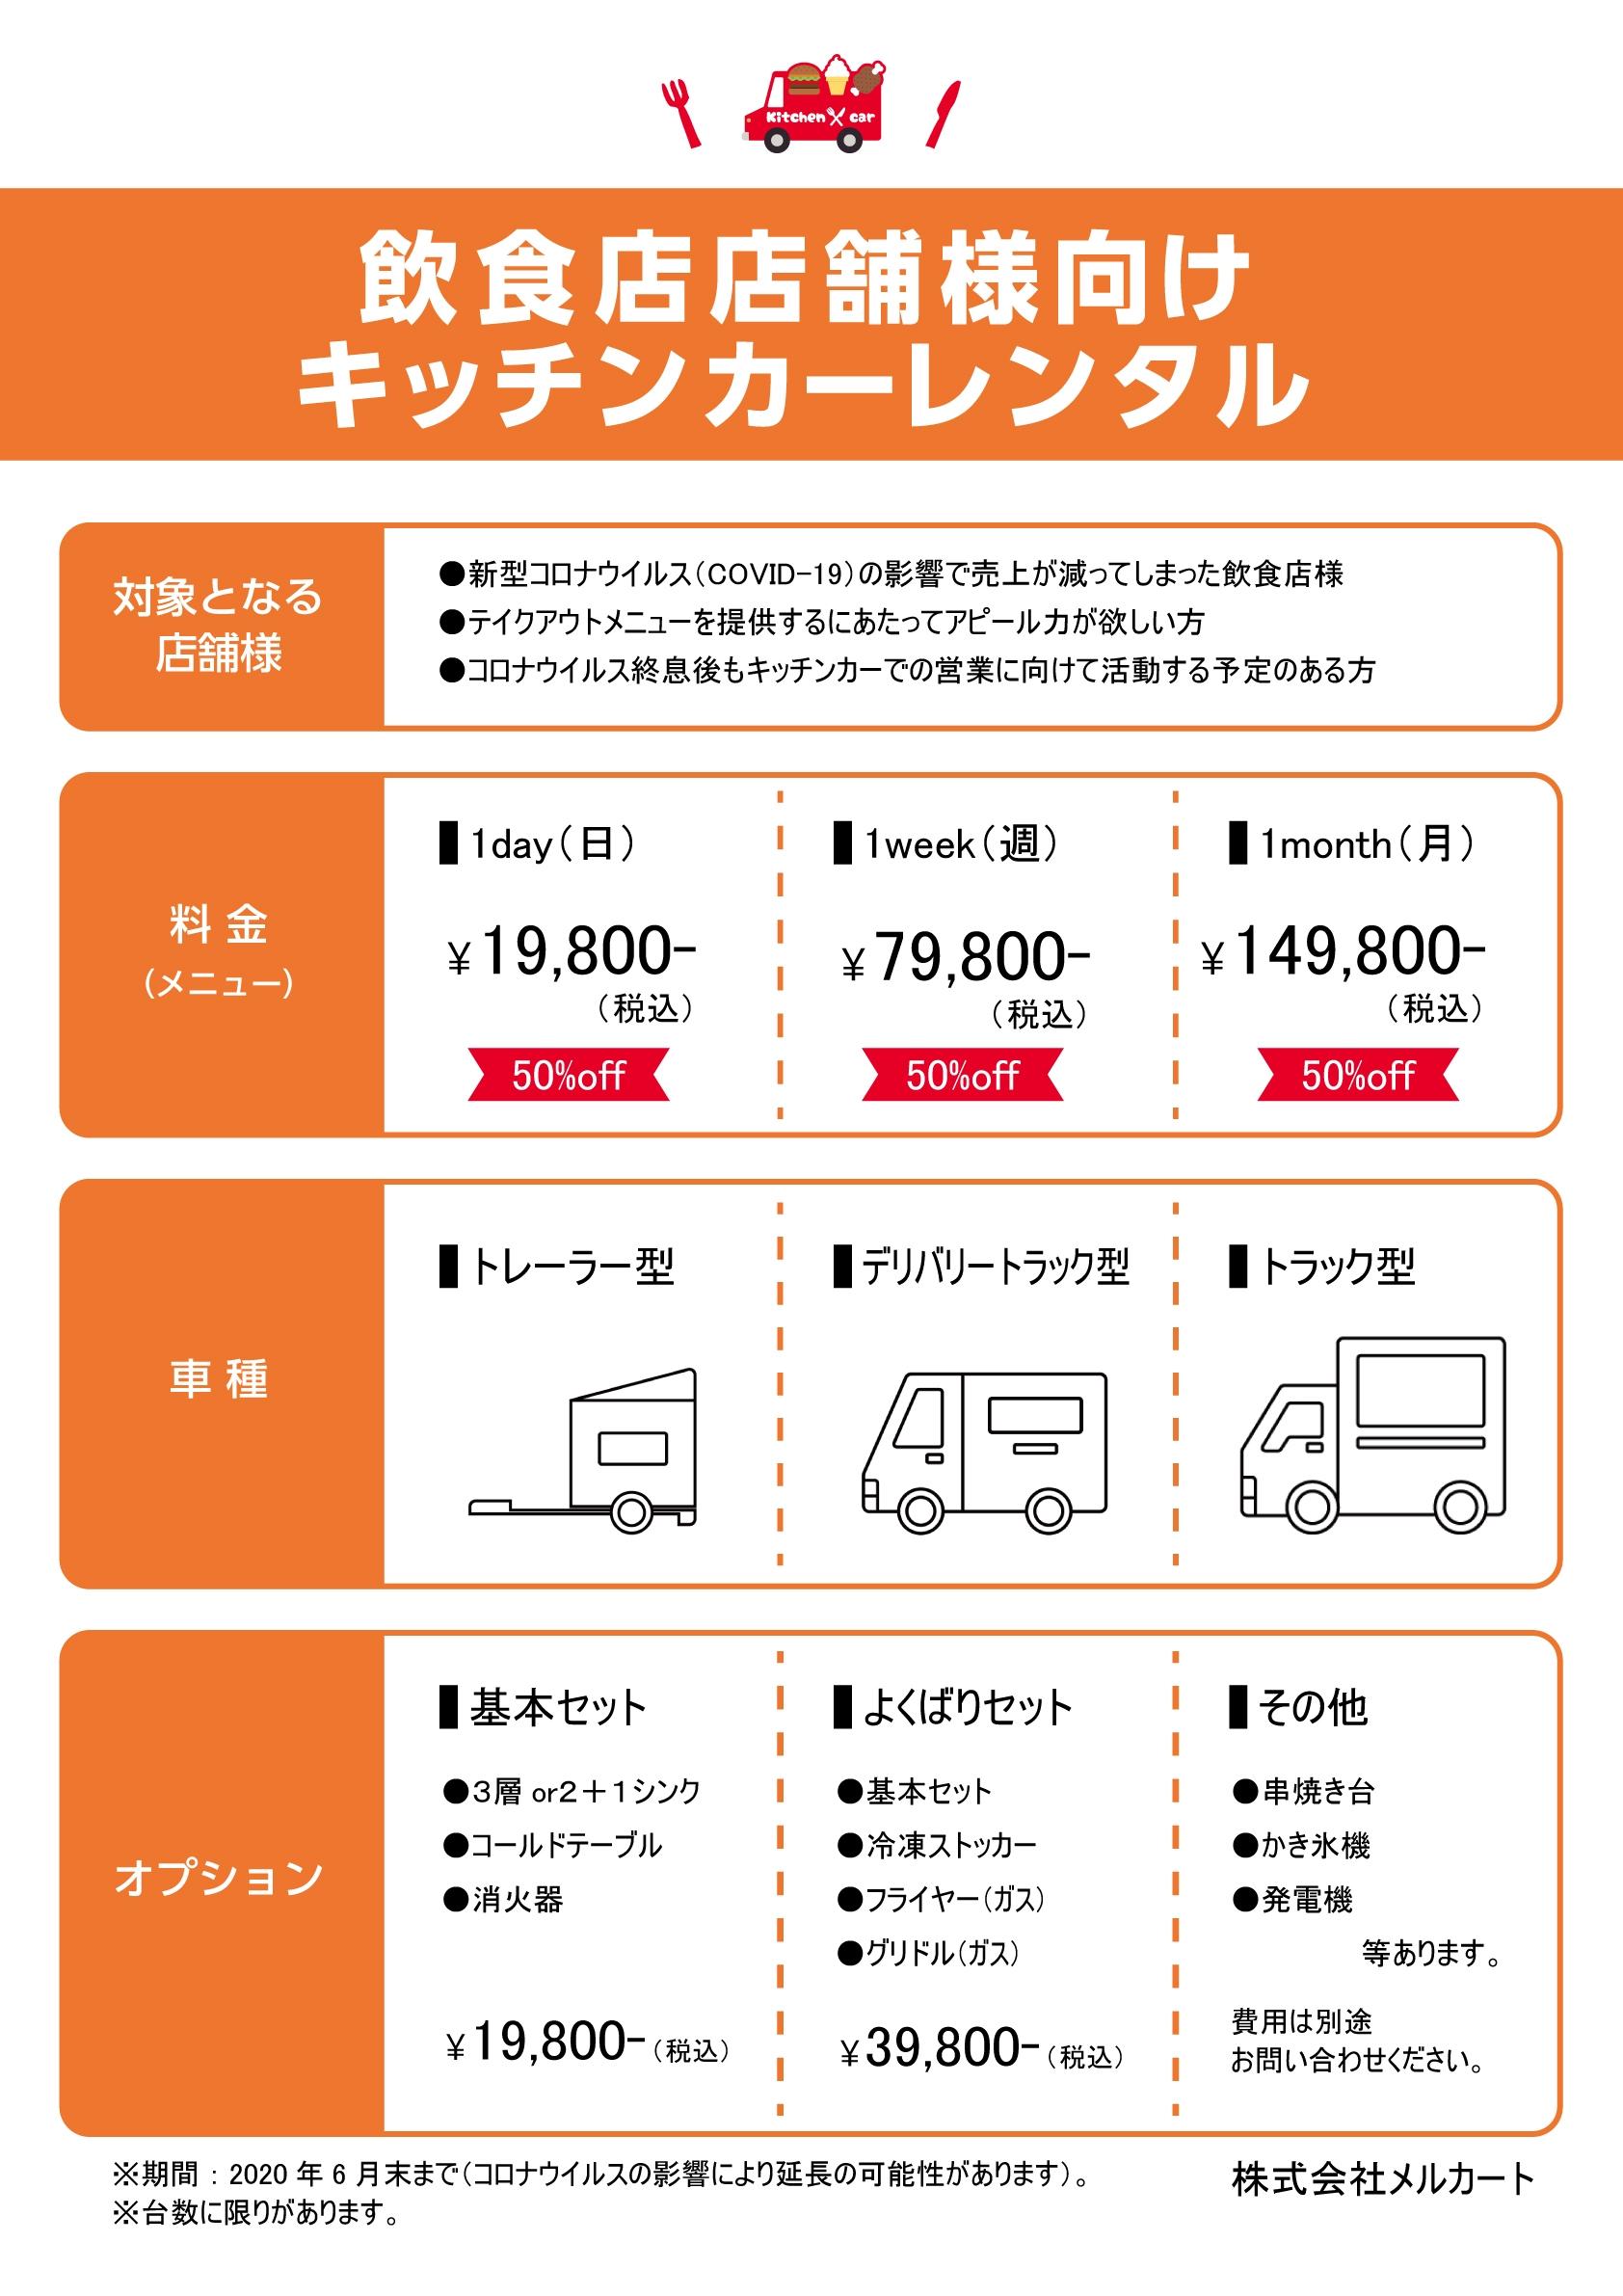 フードトラックレンタル,岐阜,愛知,三重,キッチンカー,移動販売者,貸出